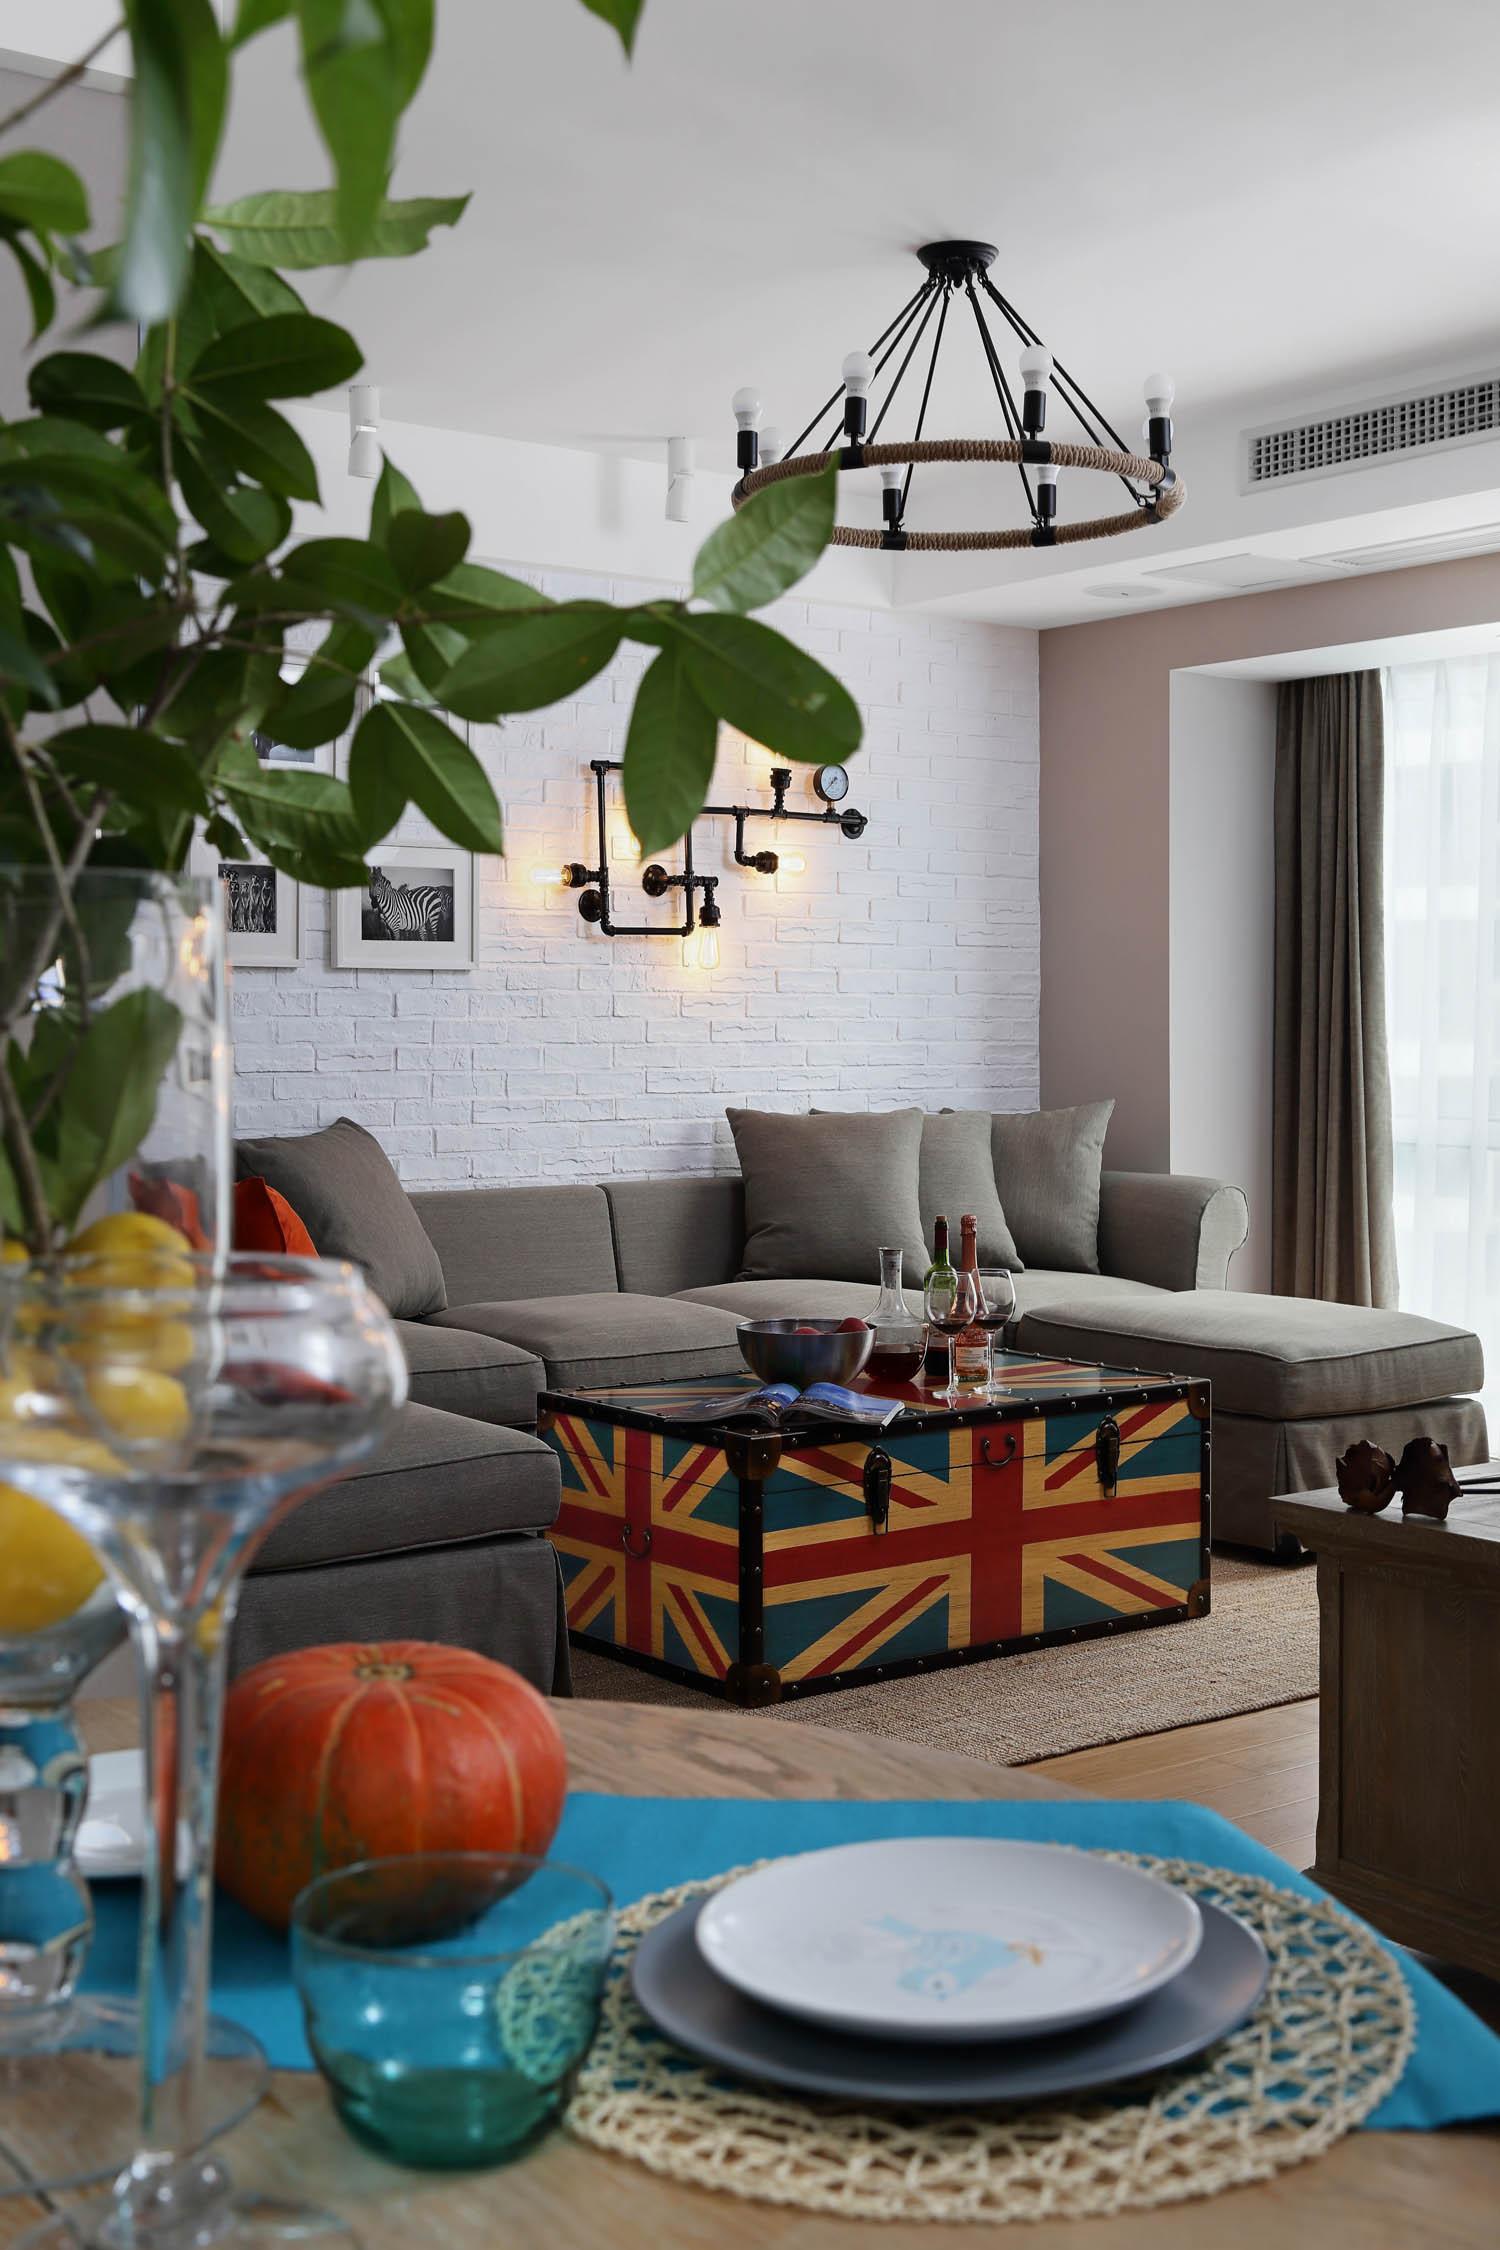 120平混搭装修沙发背景墙图片